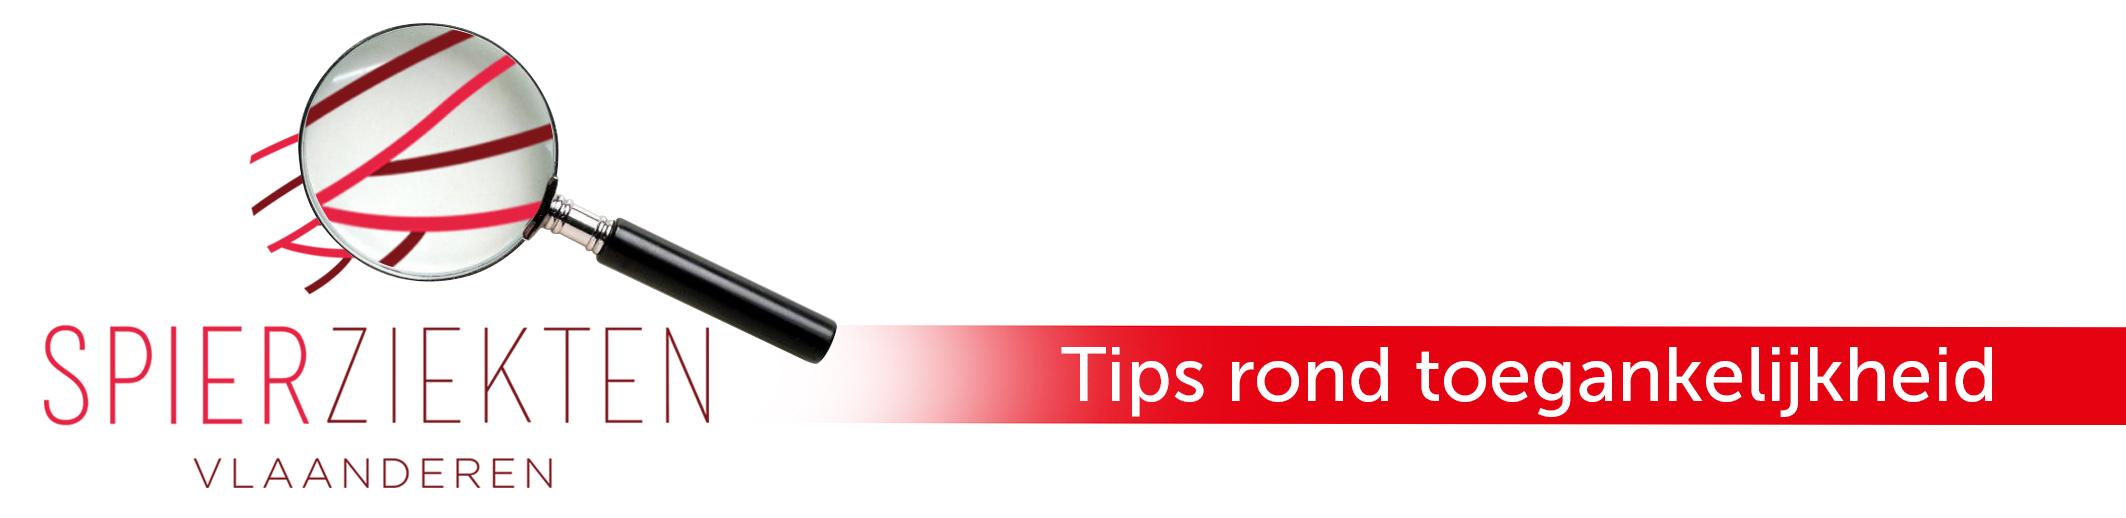 Tips-rond-toegankelijkheid_Spierziekten Toegankelijkheid